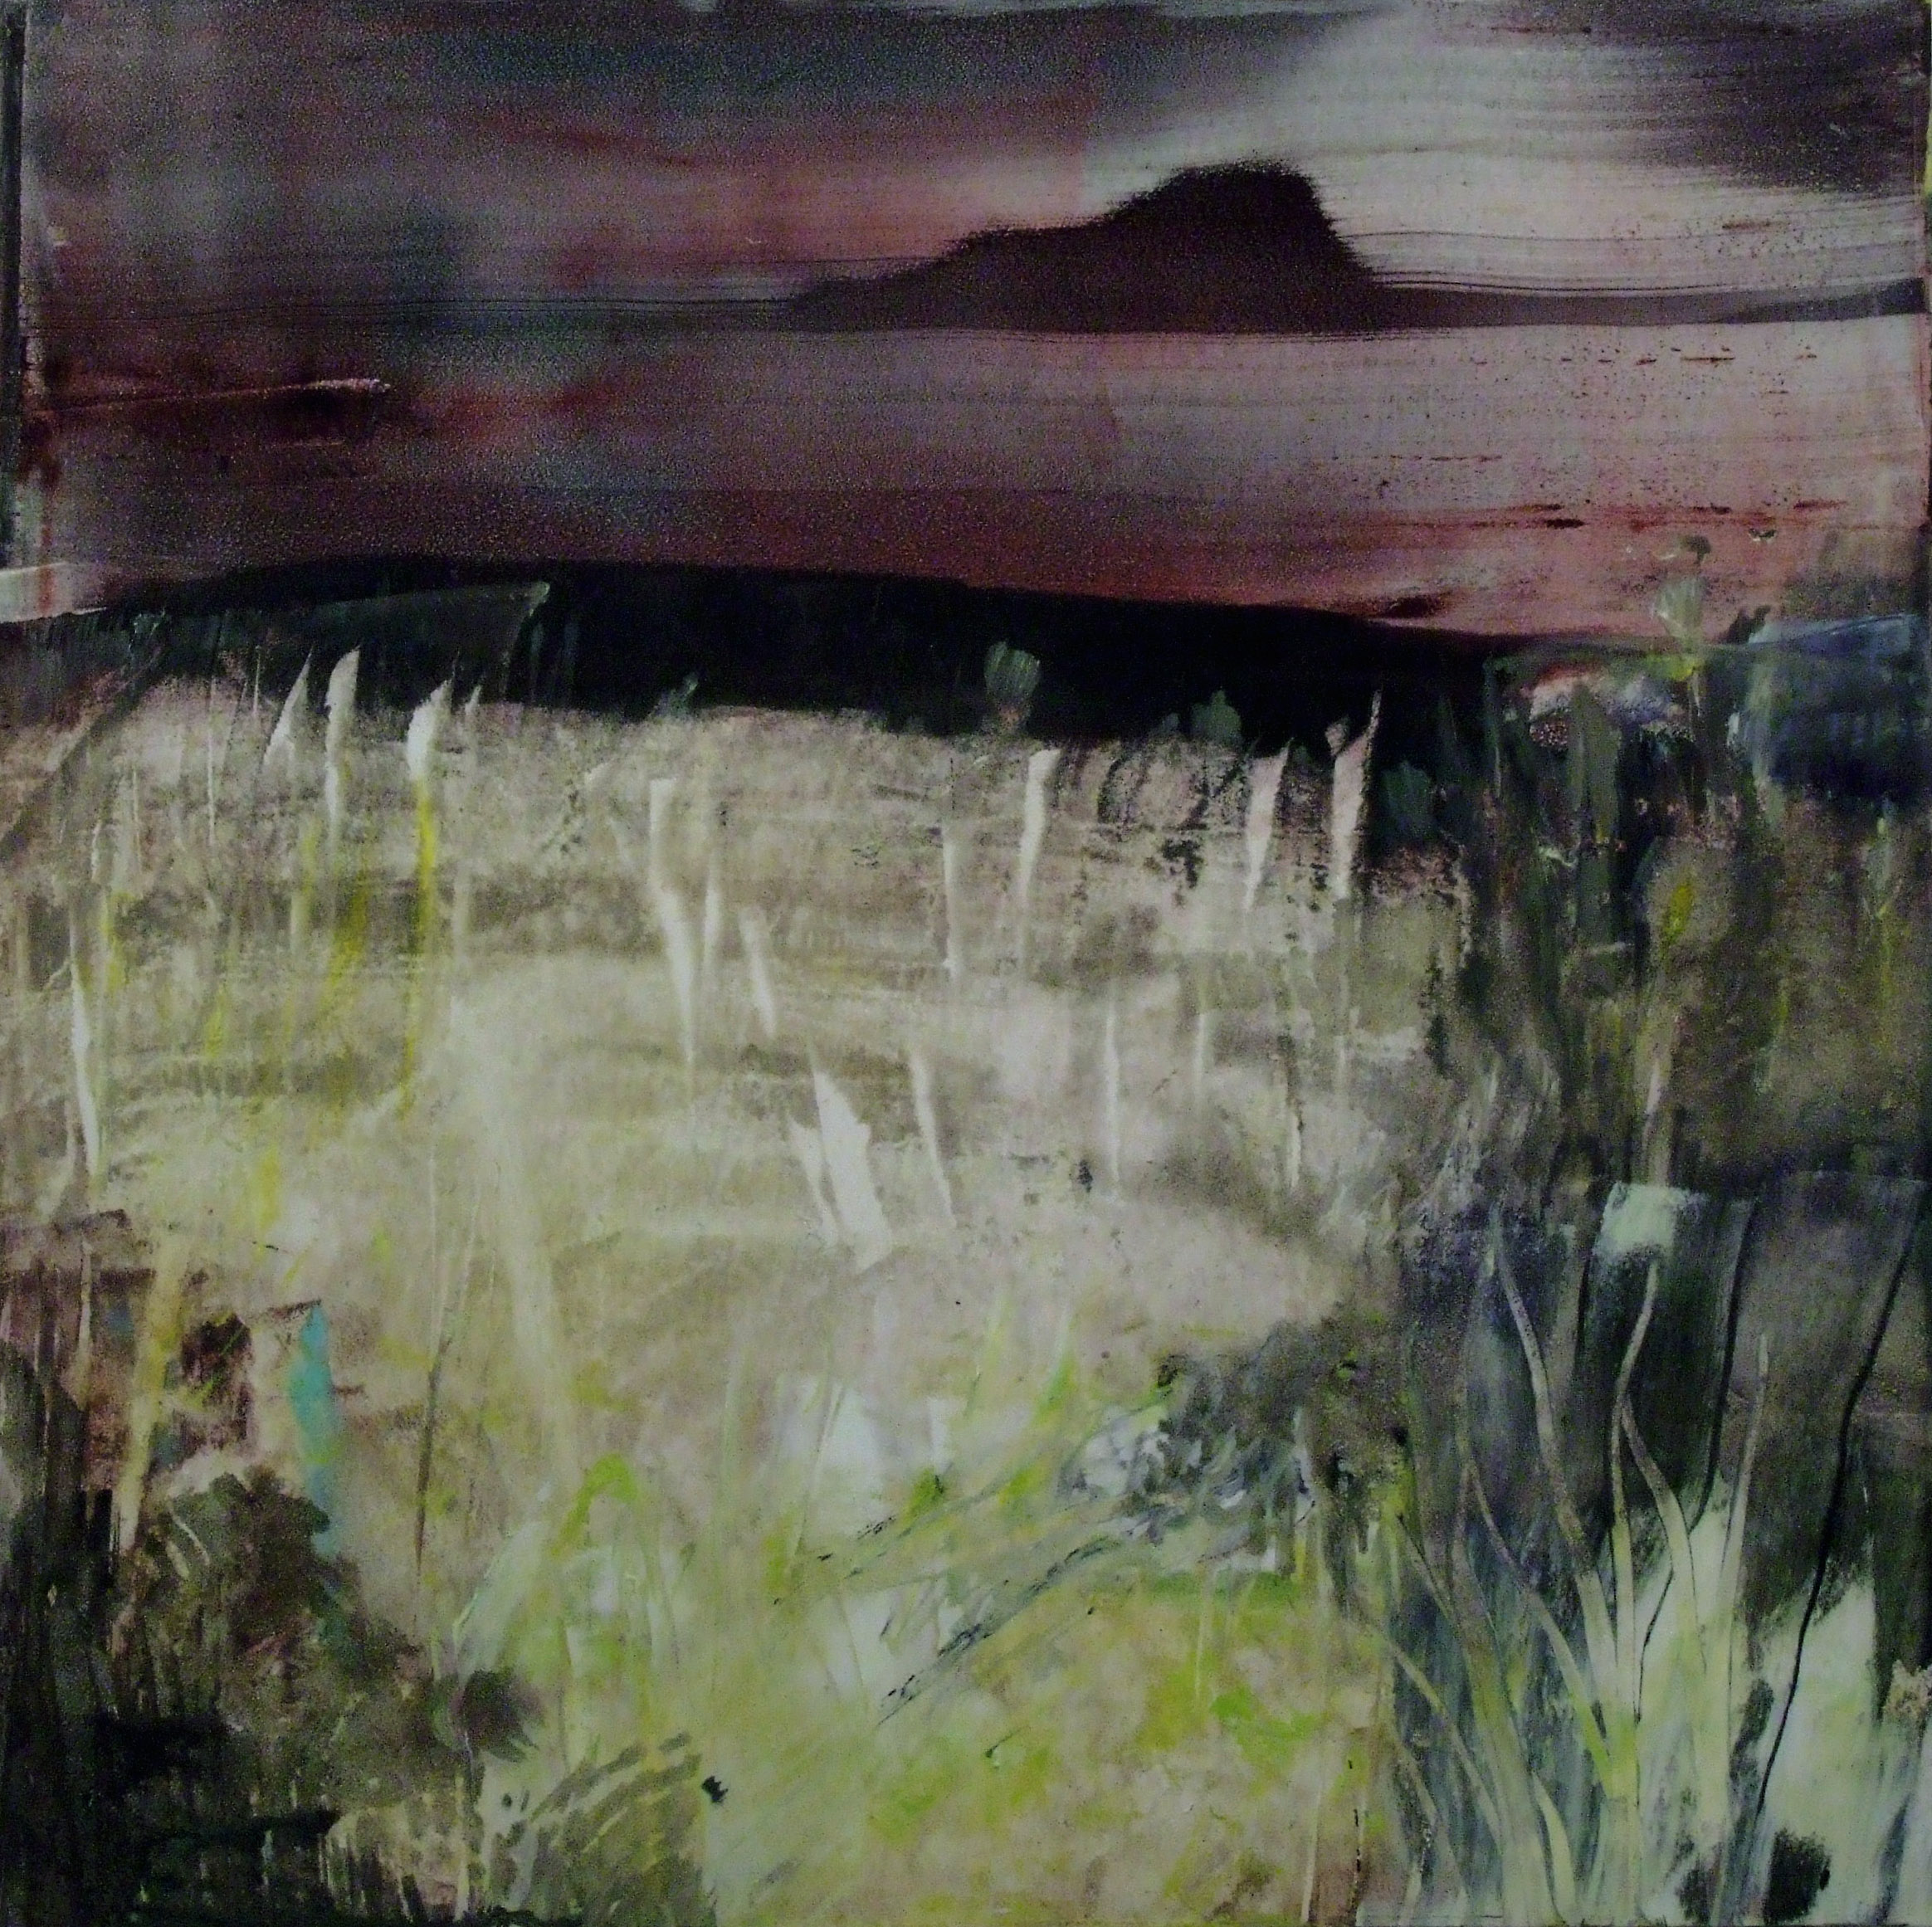 Grass Framed Island